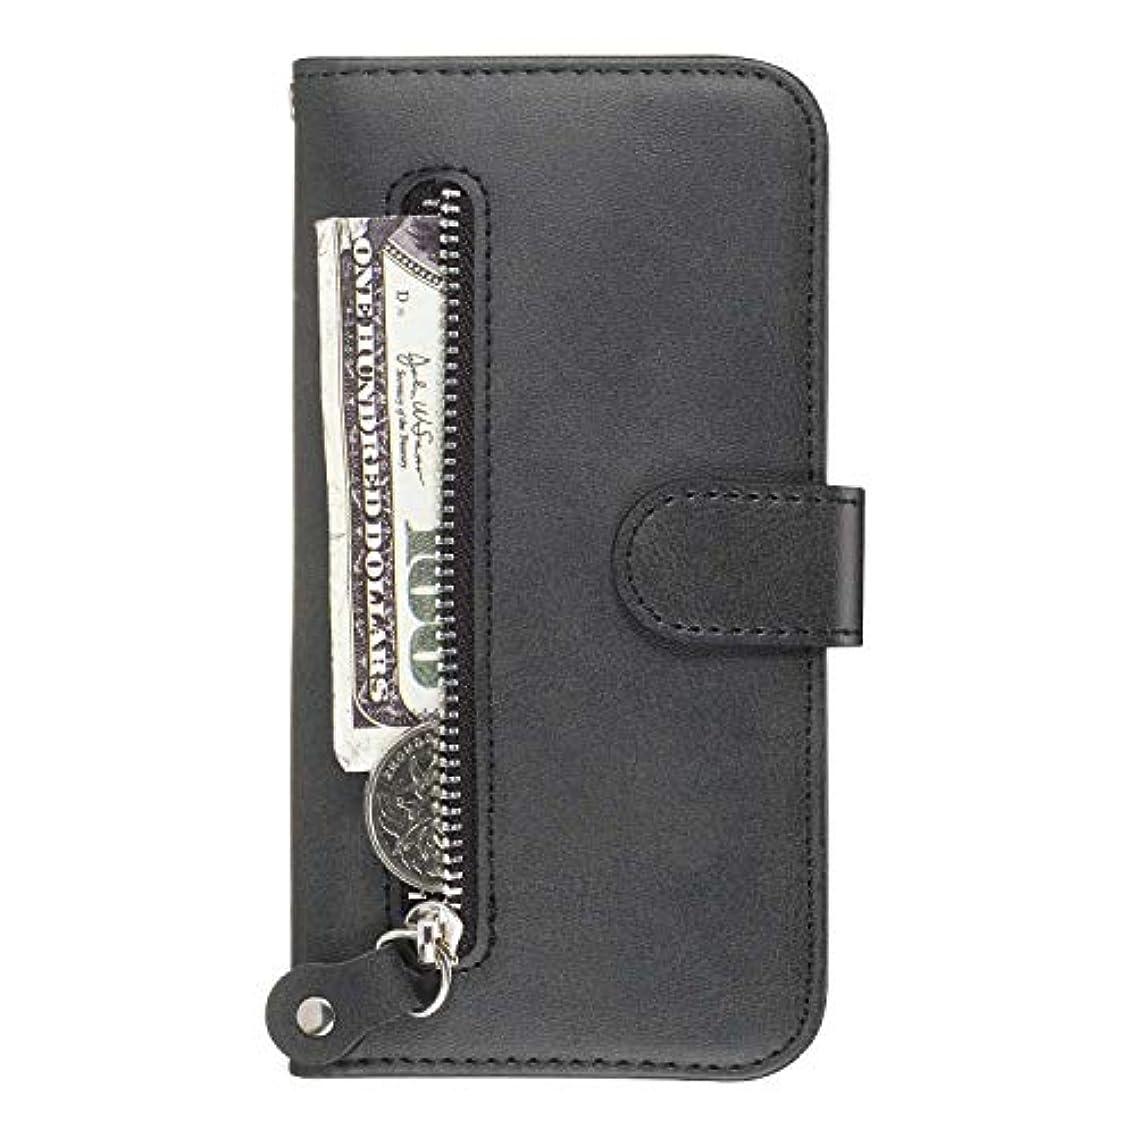 強化明るいはぁOMATENTI iPhone X/iPhone XS ケース, 軽量 PUレザー 薄型 簡約風 人気カバー バックケース iPhone X/iPhone XS 用 Case Cover, 液晶保護 カード収納, 財布と...